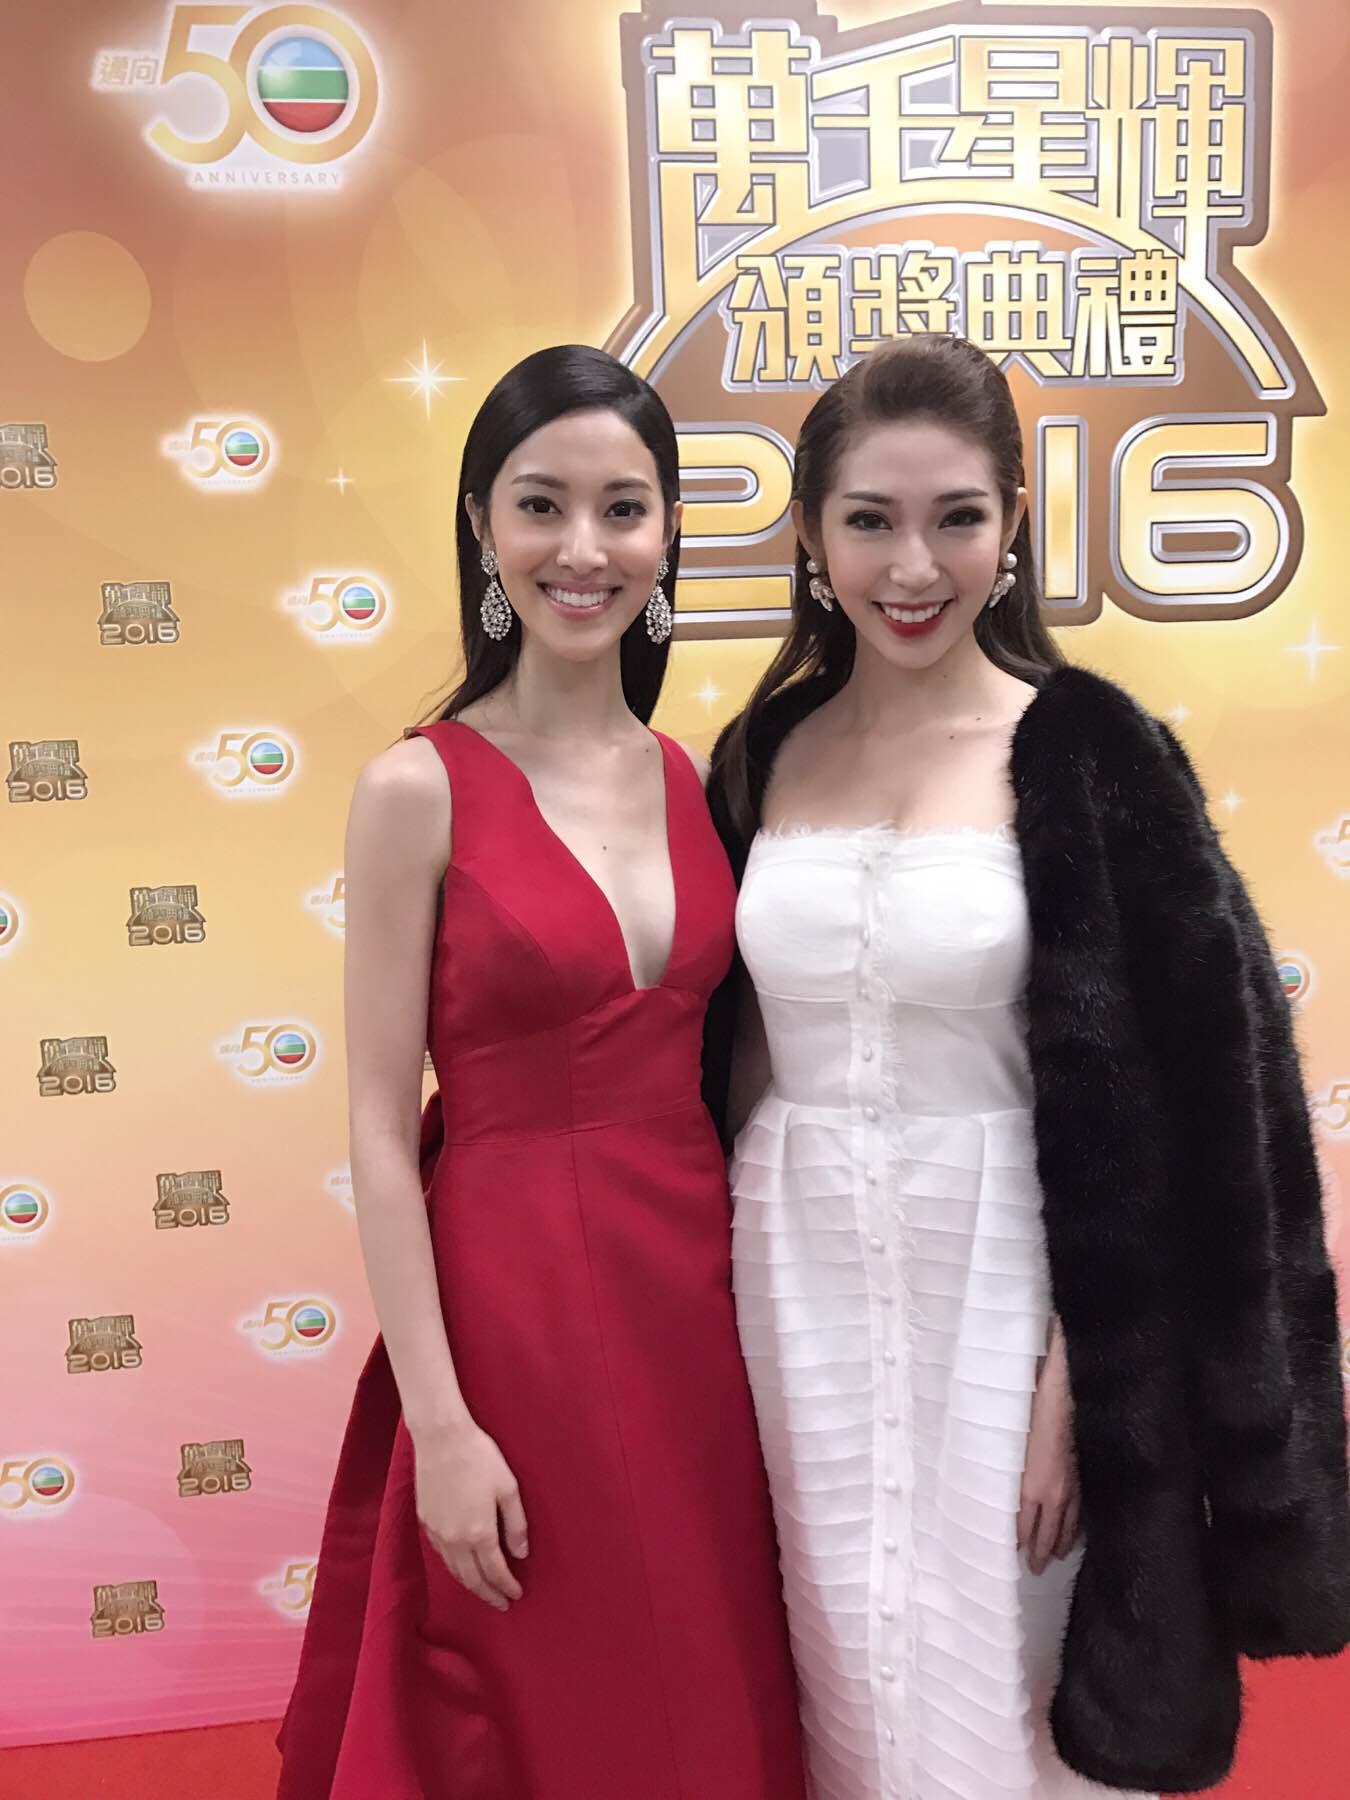 Khổng Tú Quỳnh tham dự lễ trao giải TVB, đọ dáng cùng Hoa hậu Hồng Kông - Ảnh 4.